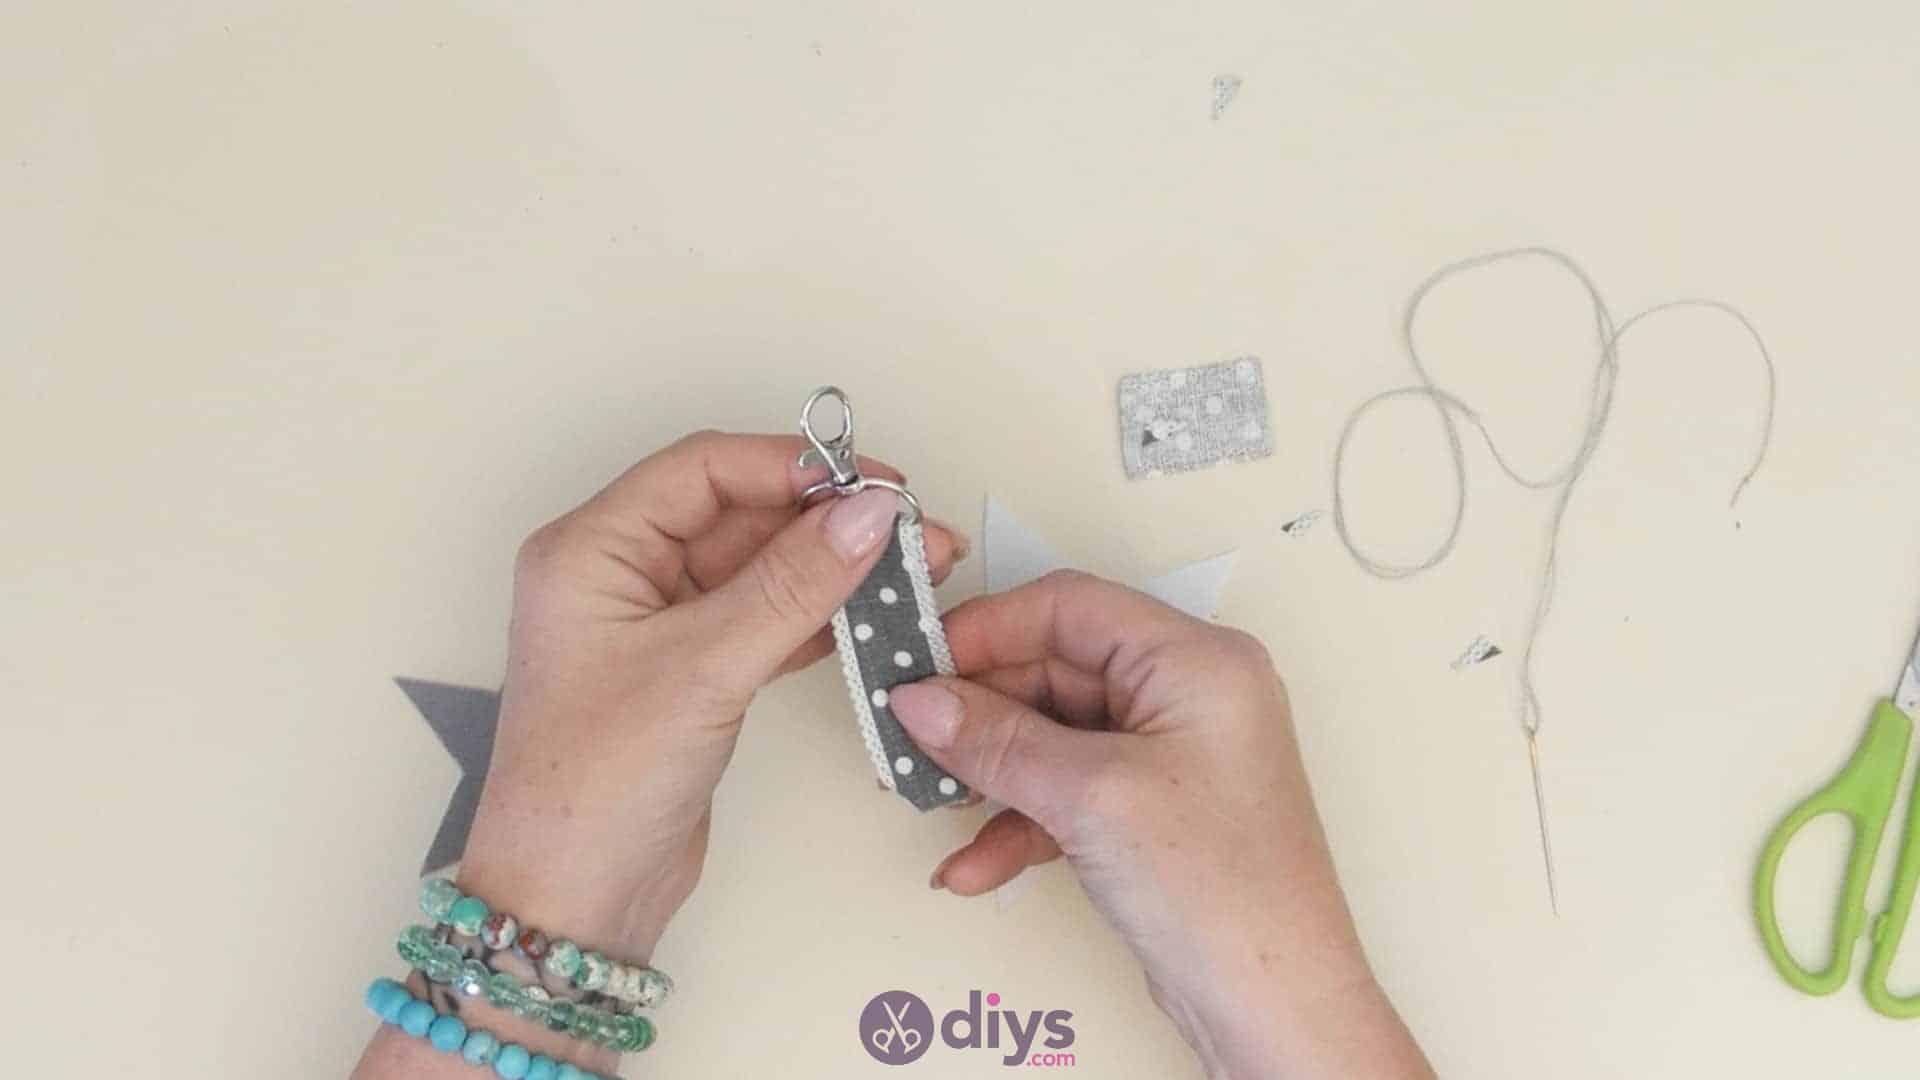 Diy felt star keyholder step 4b